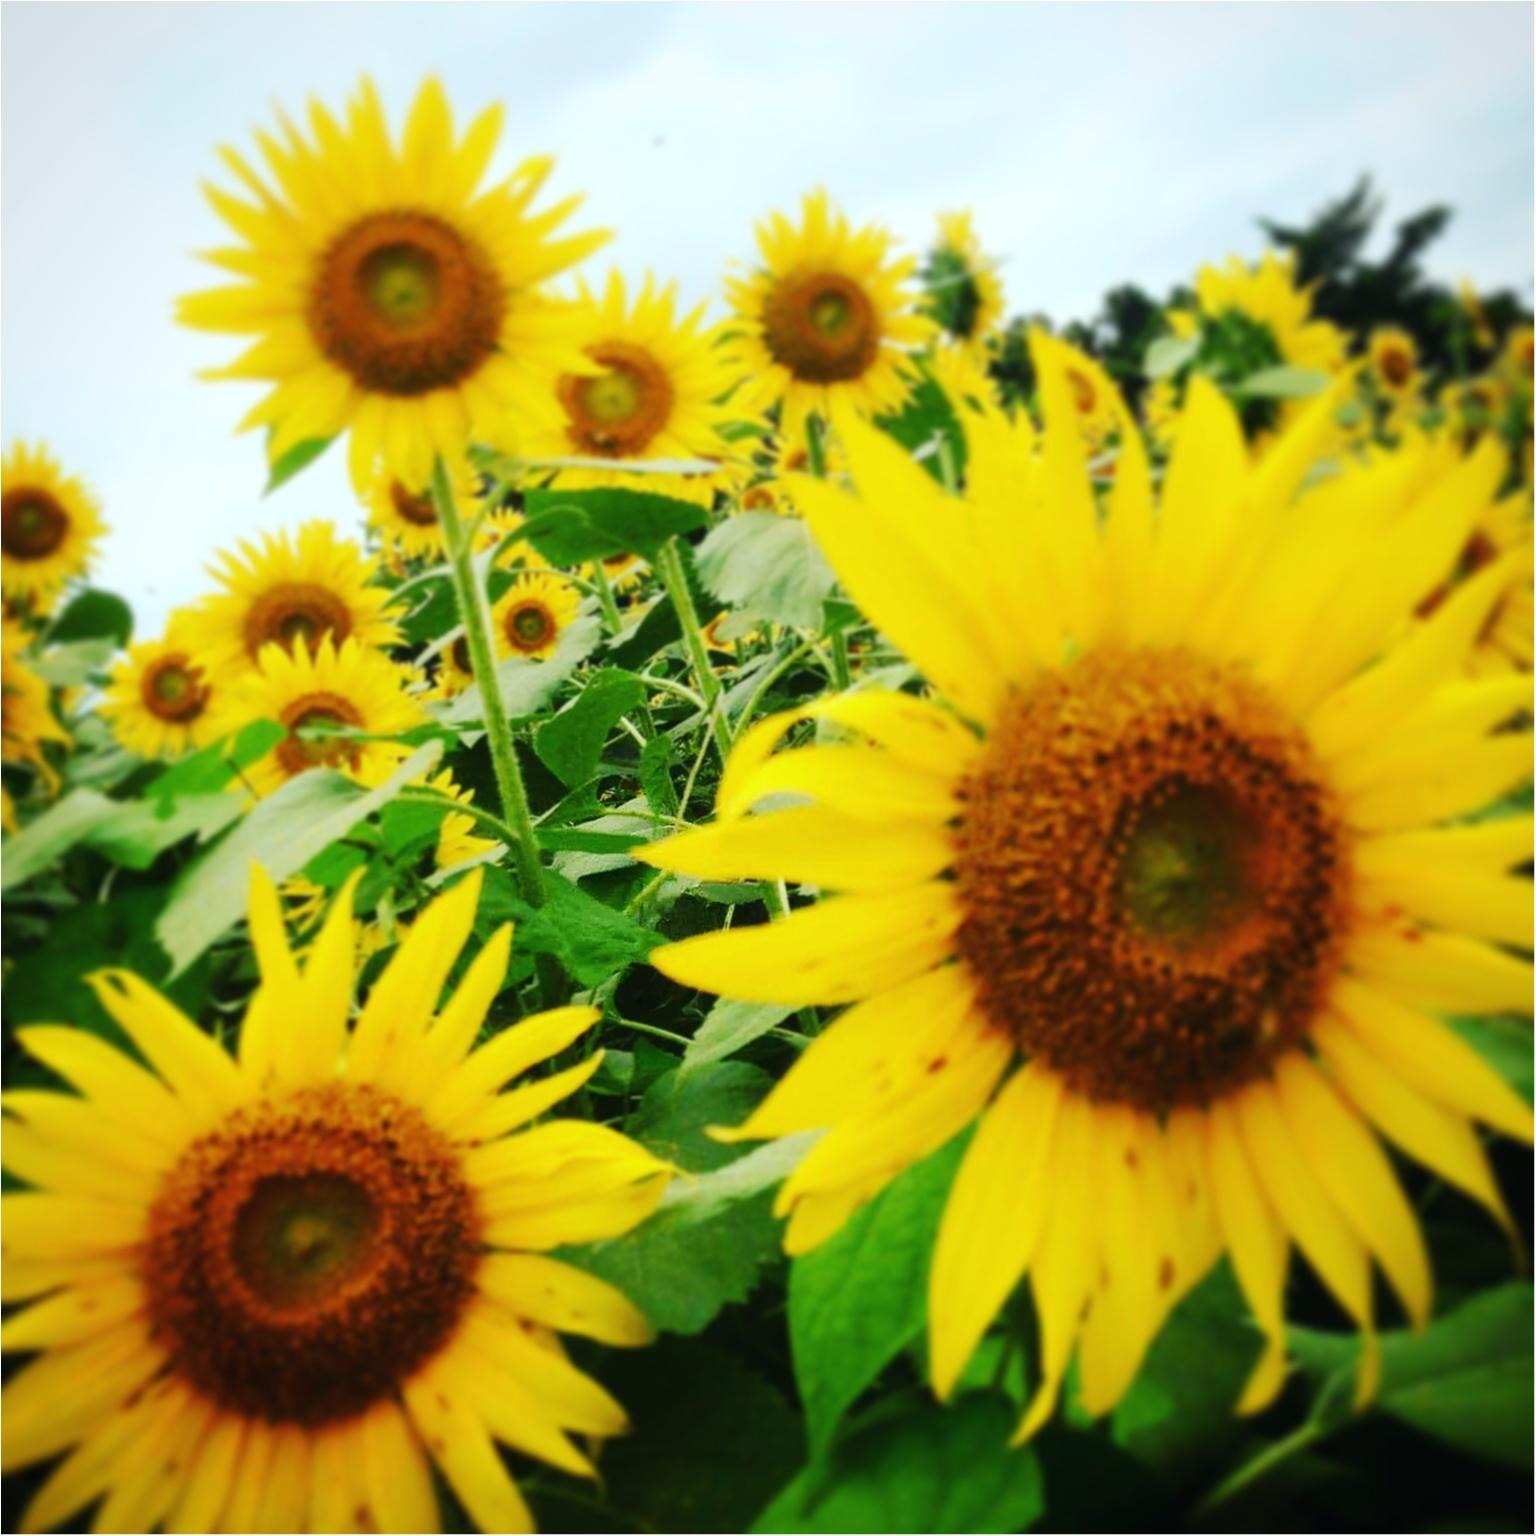 【今が見頃】ひまわり畑で、夏の思い出を残そう(∩´∀`∩)_2